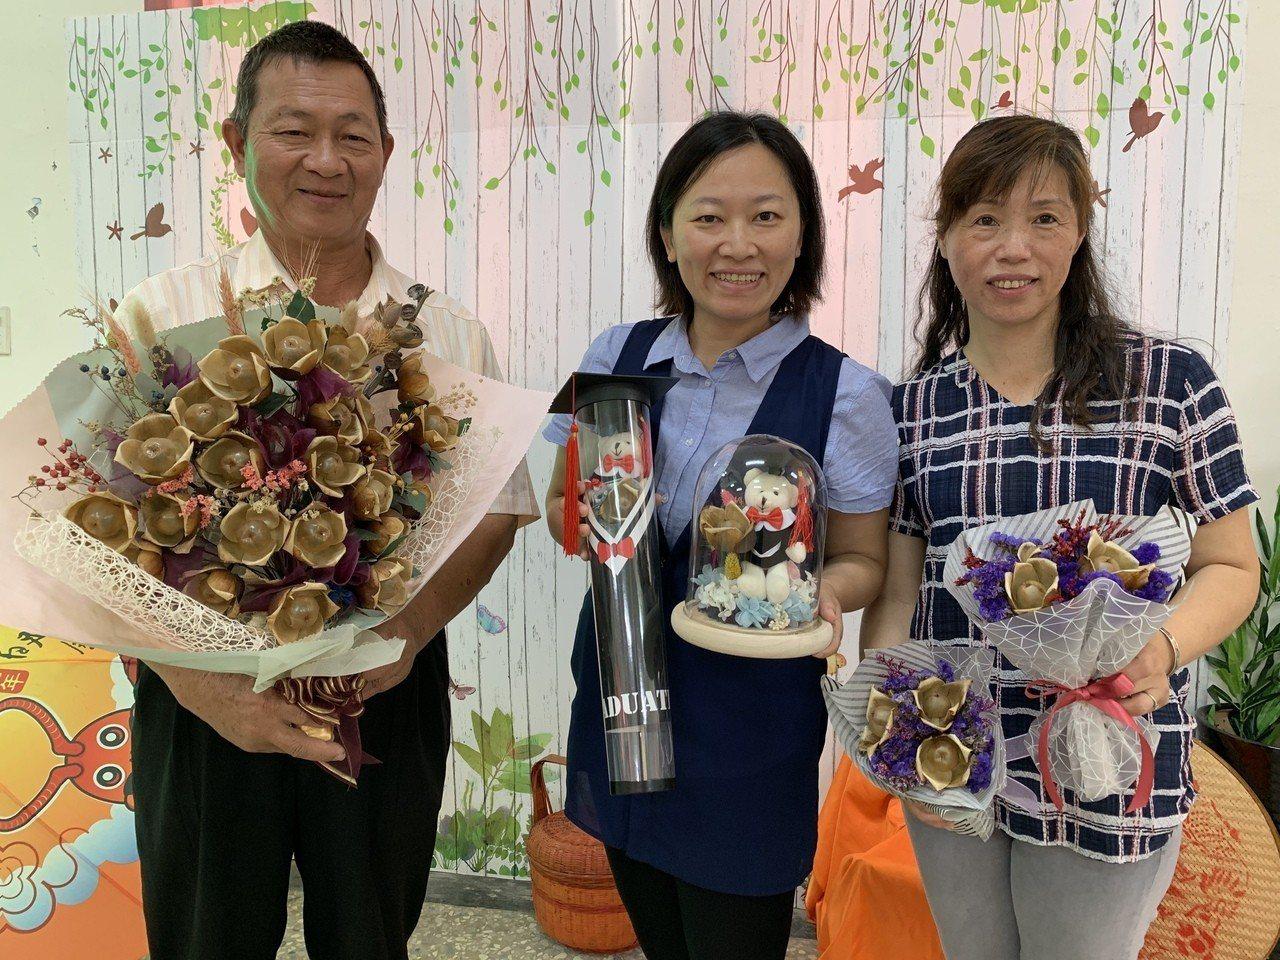 台南佳里漳洲社區發展「木玫瑰」手工產業,為社區帶進收入。記者吳淑玲/攝影